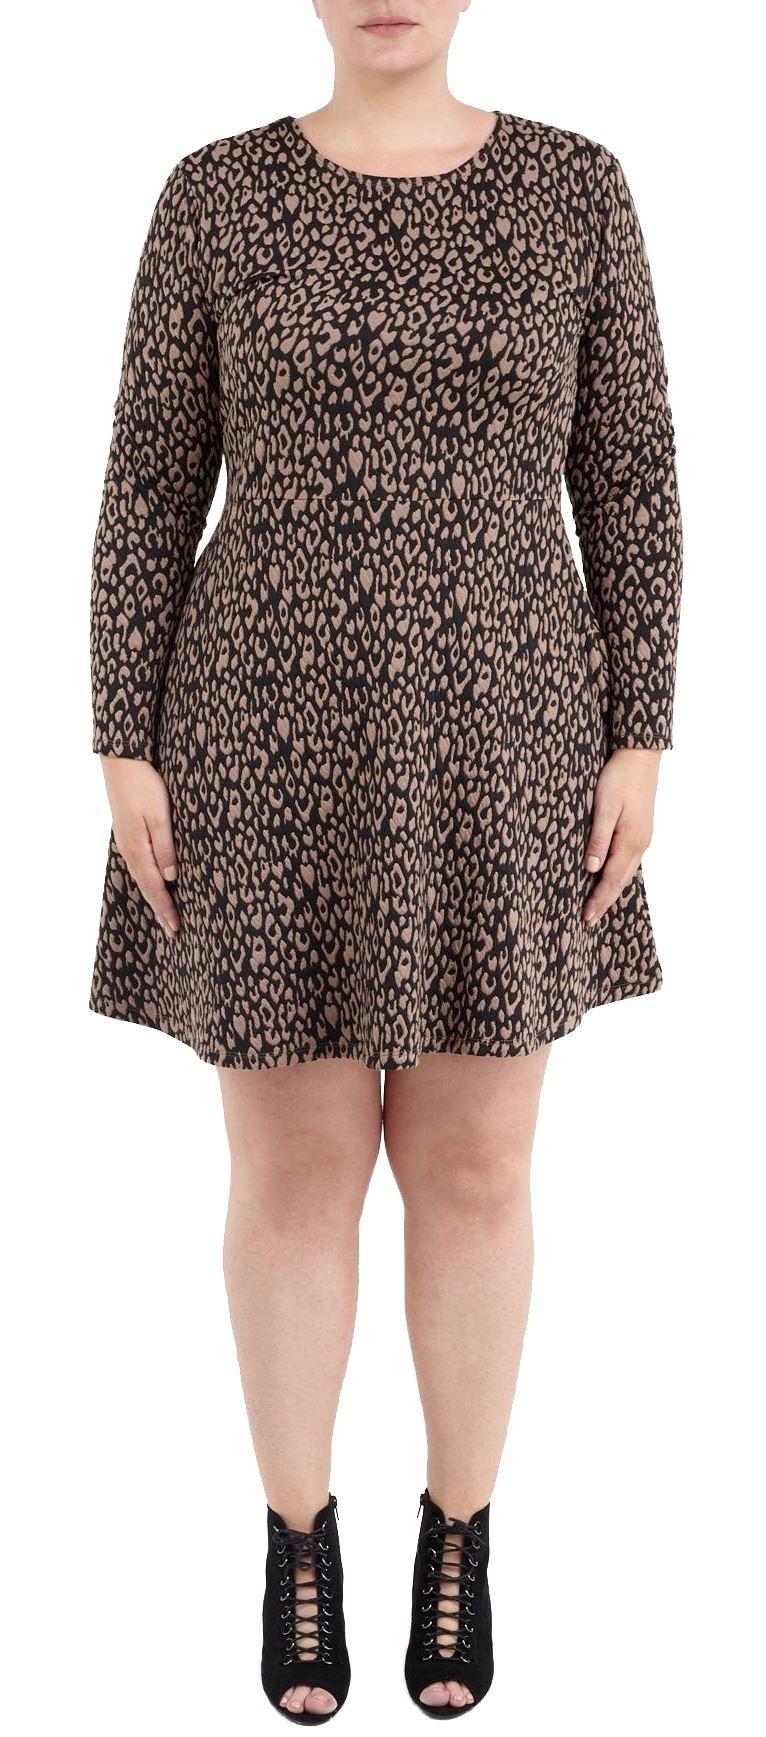 Designer Ausgezeichnet Kleid 44 Bester Preis17 Schön Kleid 44 für 2019